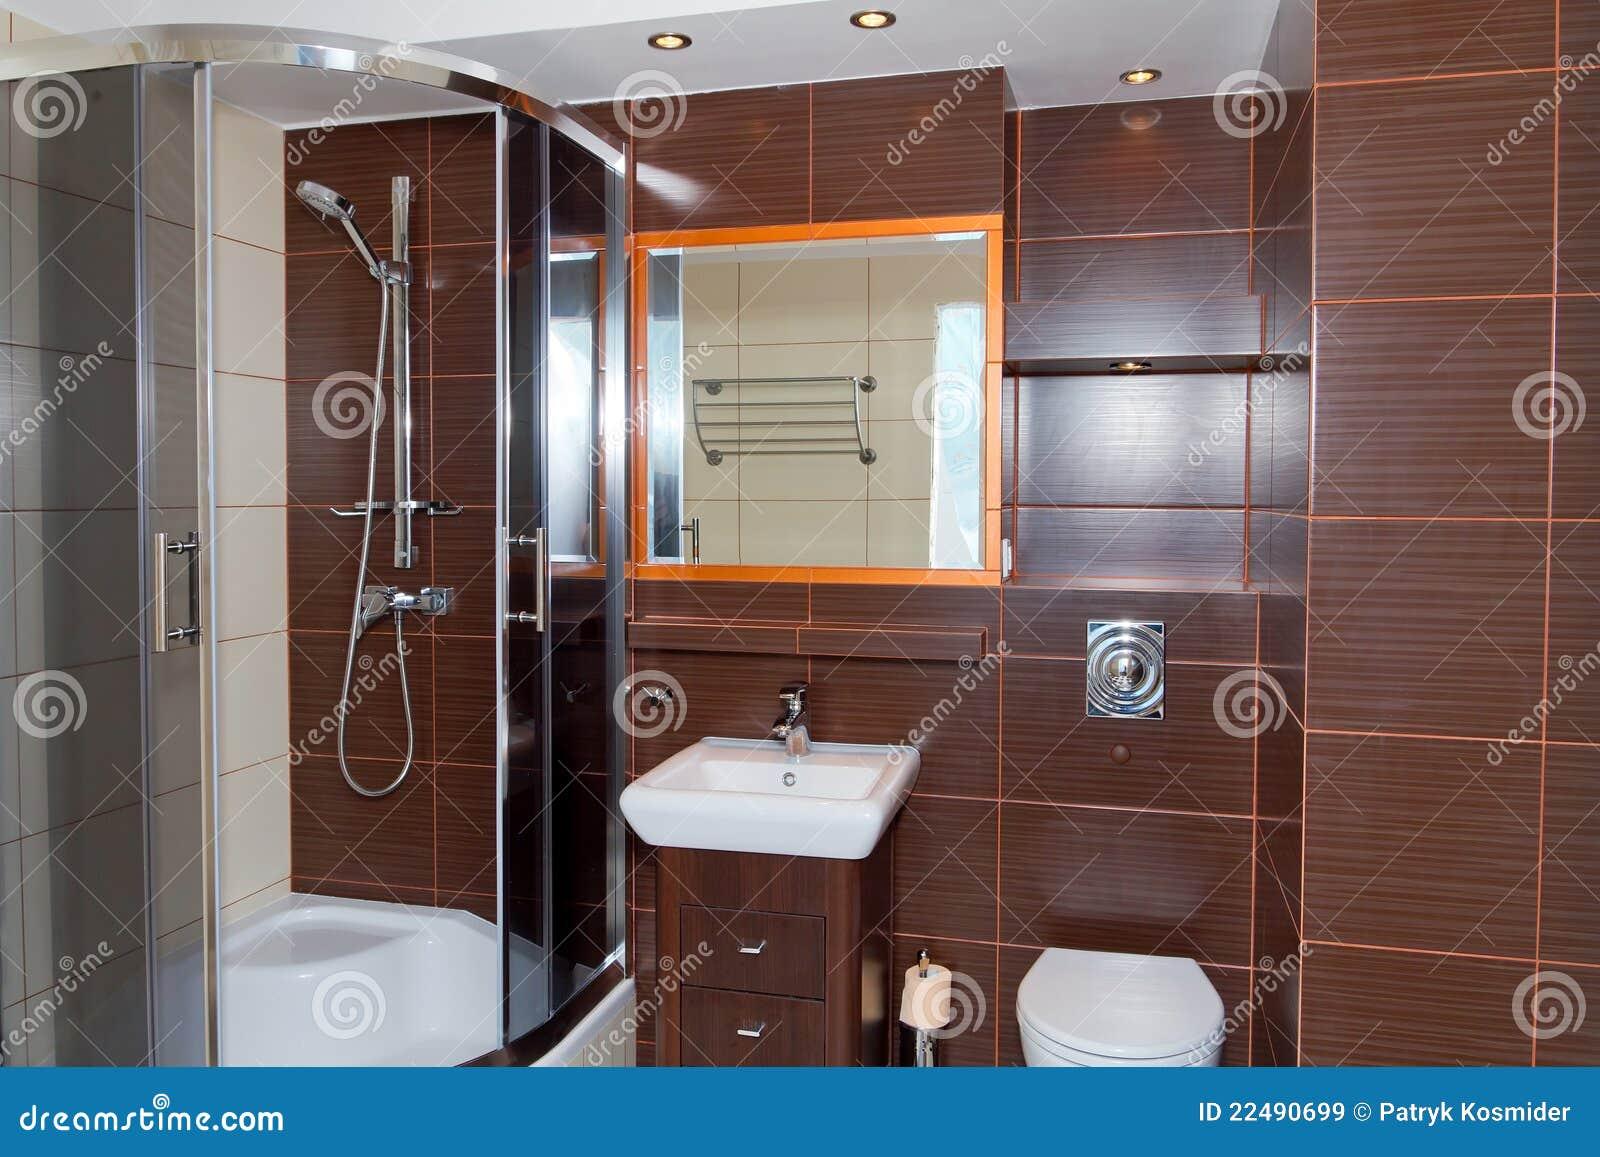 Interiore della stanza da bagno di colore marrone scuro immagine